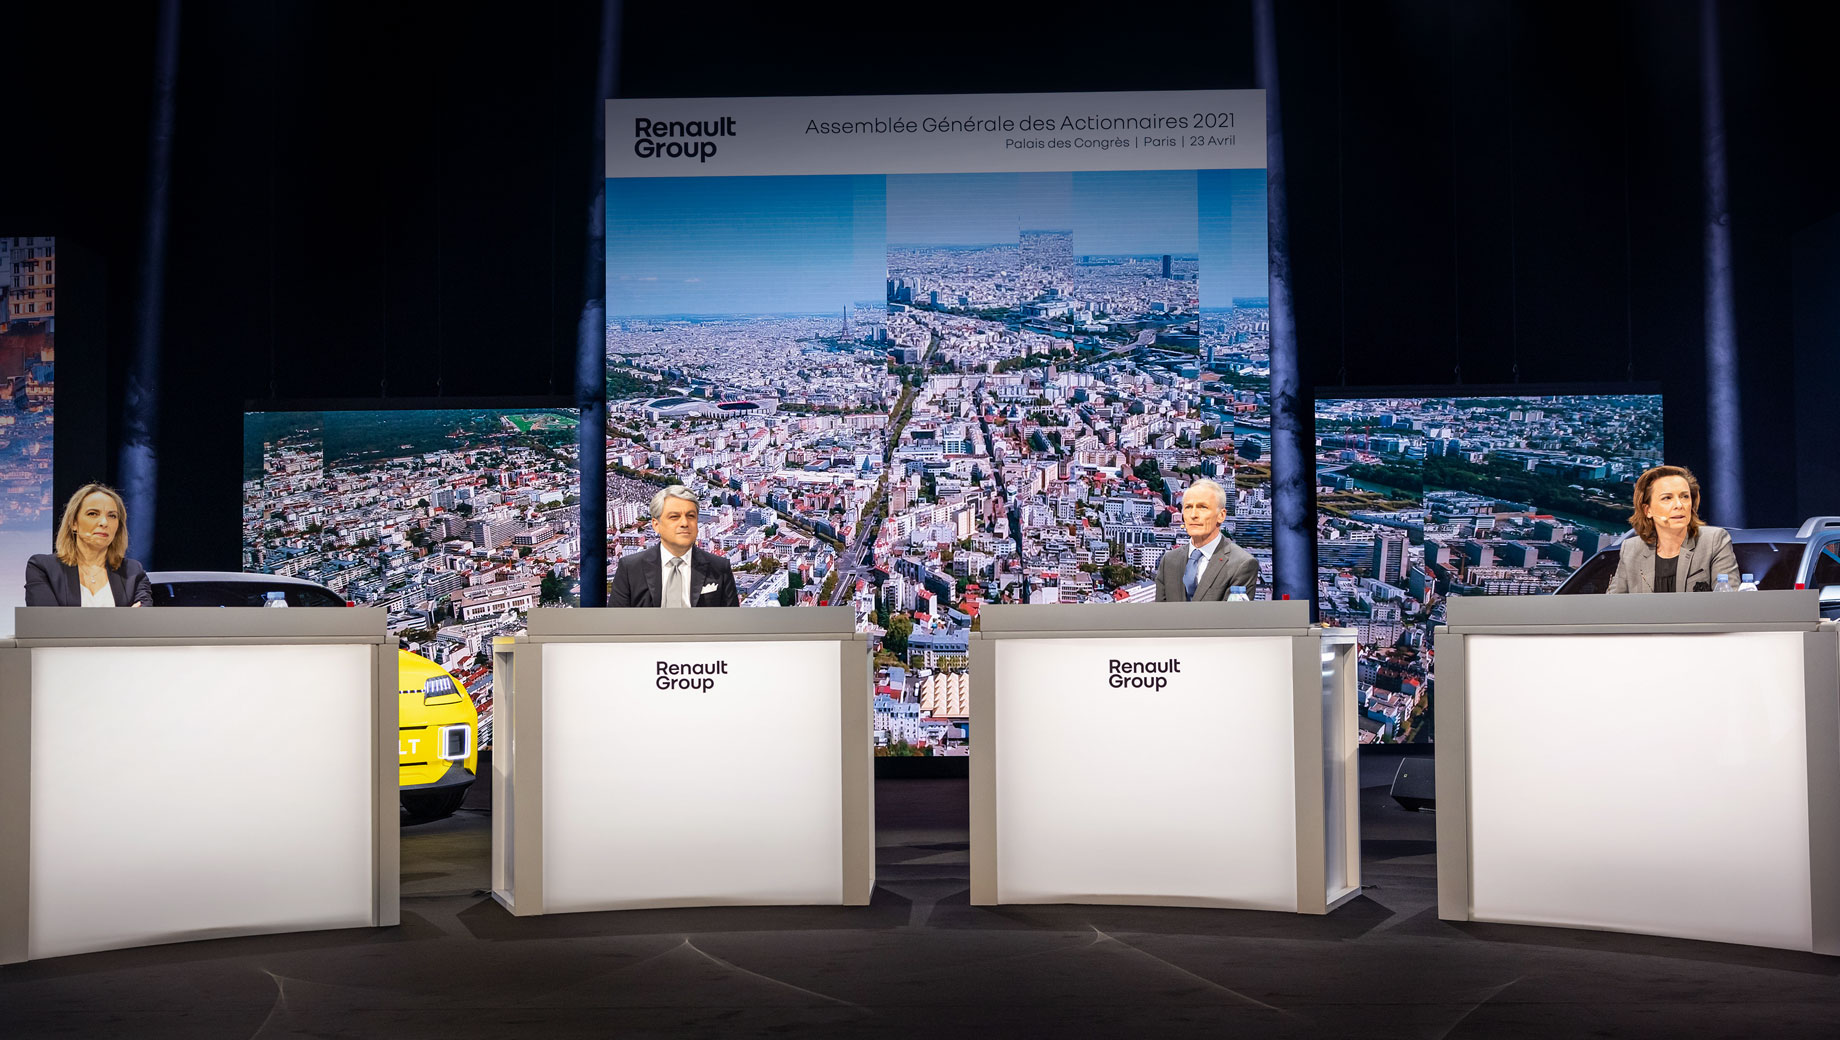 Группа Renault сформулировала свою главную цель